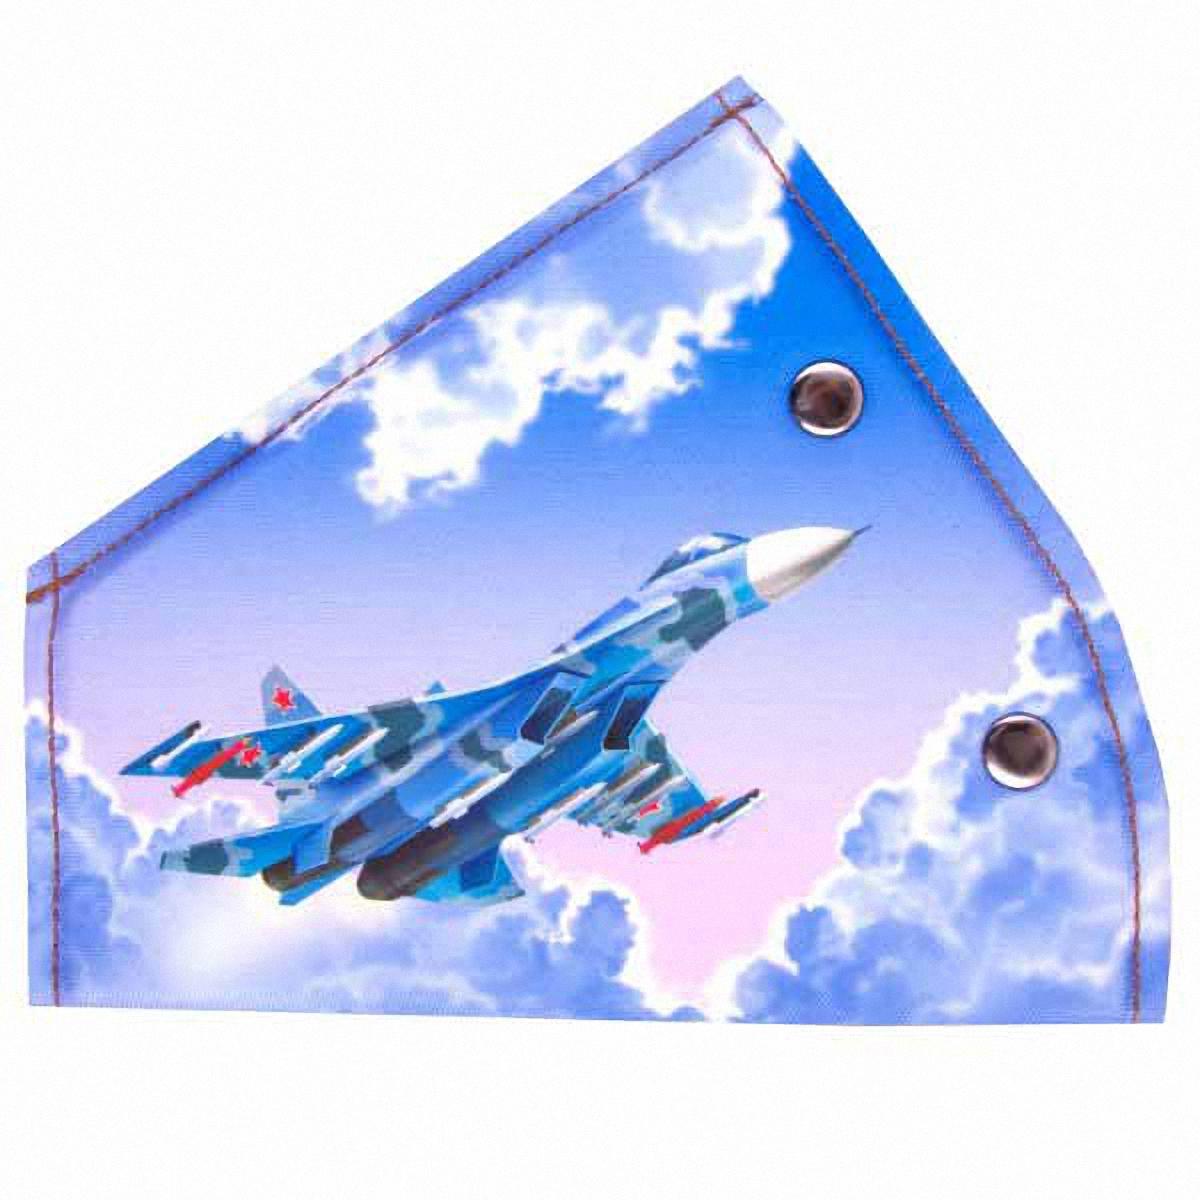 Адаптер ремня безопасности Skyway СамолетS04007001Детский адаптер ремня безопасности, изготовленный из полиэстера и декорированный красочным рисунком, удерживает ремень безопасности в положении, удобном для человека небольшого роста. Удерживающее устройство можно установить на любой трёхточечный ремень безопасности. Подходит для ремней безопасности как слева, так и справа. При перевозке ребёнка до 12 лет адаптер ремня безопасности разрешено устанавливать только на ремни заднего сиденья. Адаптер прост в установке, легко фиксируется при помощи быстрозастегивающегося крепления. Изделие уменьшает давление ремней на тело ребёнка, удаляет ремень от лица ребенка, обеспечивая ему комфорт во время поездок. Тип крепления: кнопки.